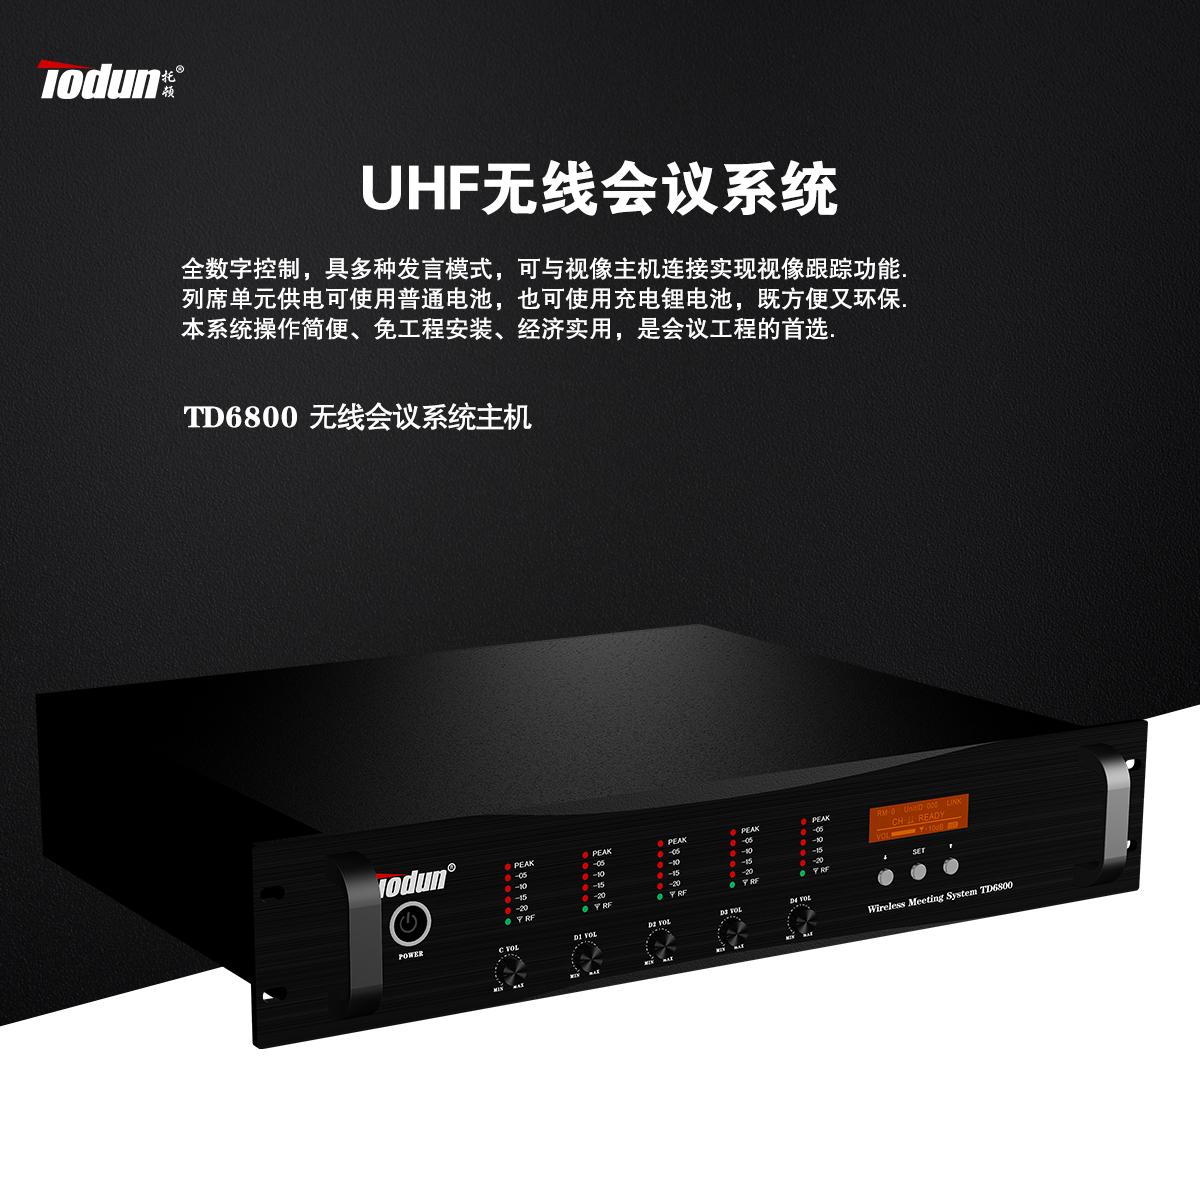 一拖255台专业无线会议系统 托顿TD6800 数字专业无线会议系统主机